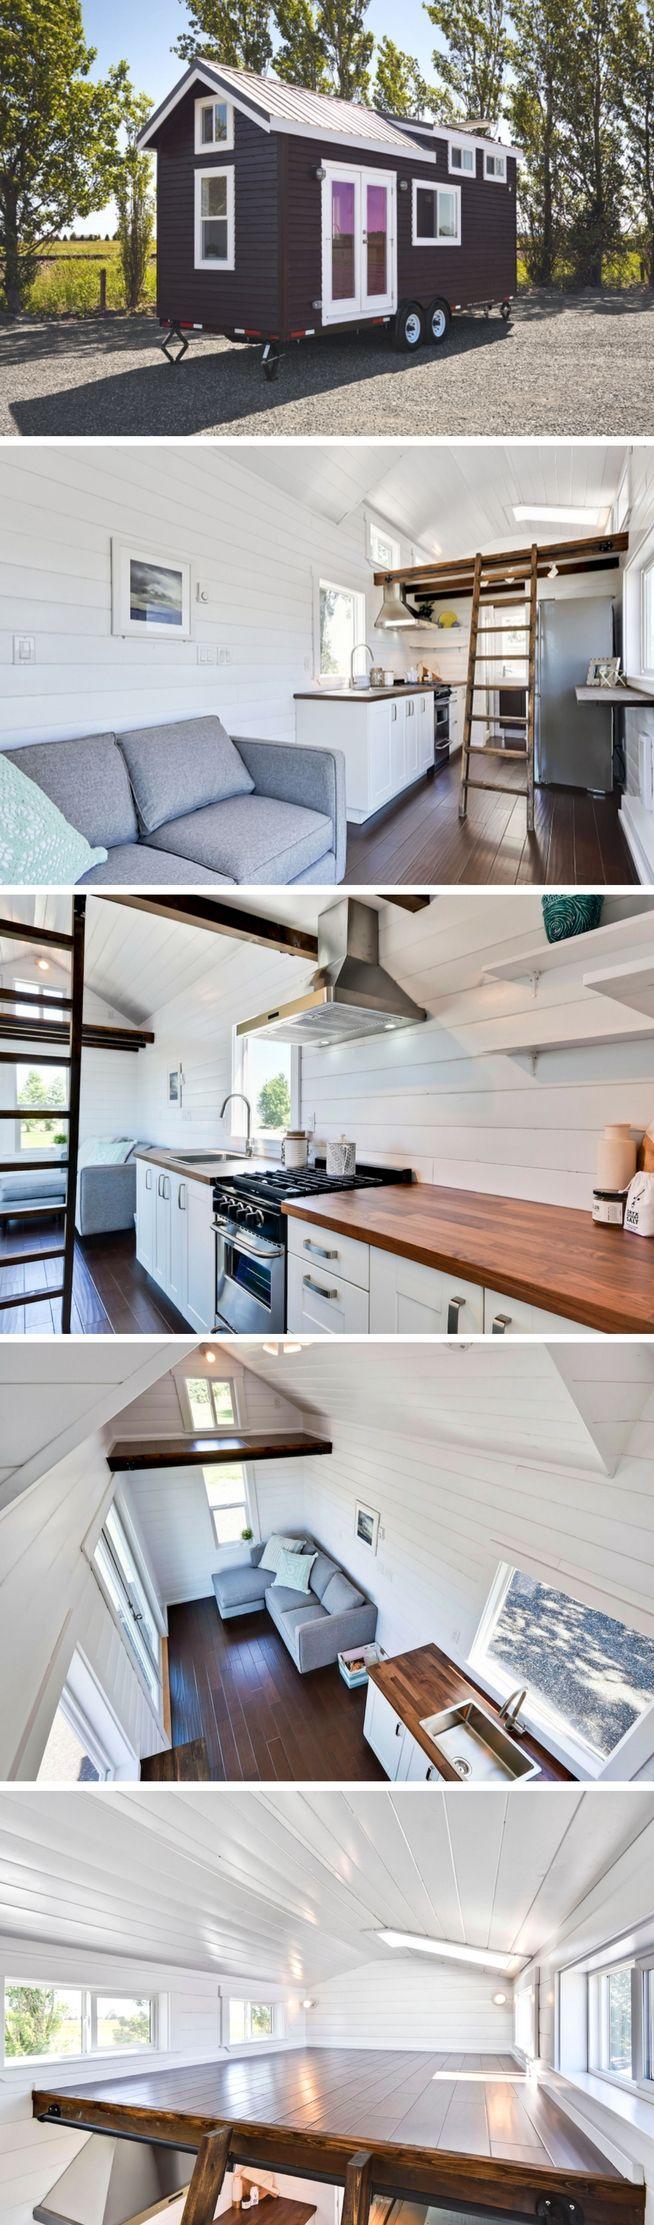 Kleines l küchendesign  best gefällt mir images on pinterest  home ideas my house and